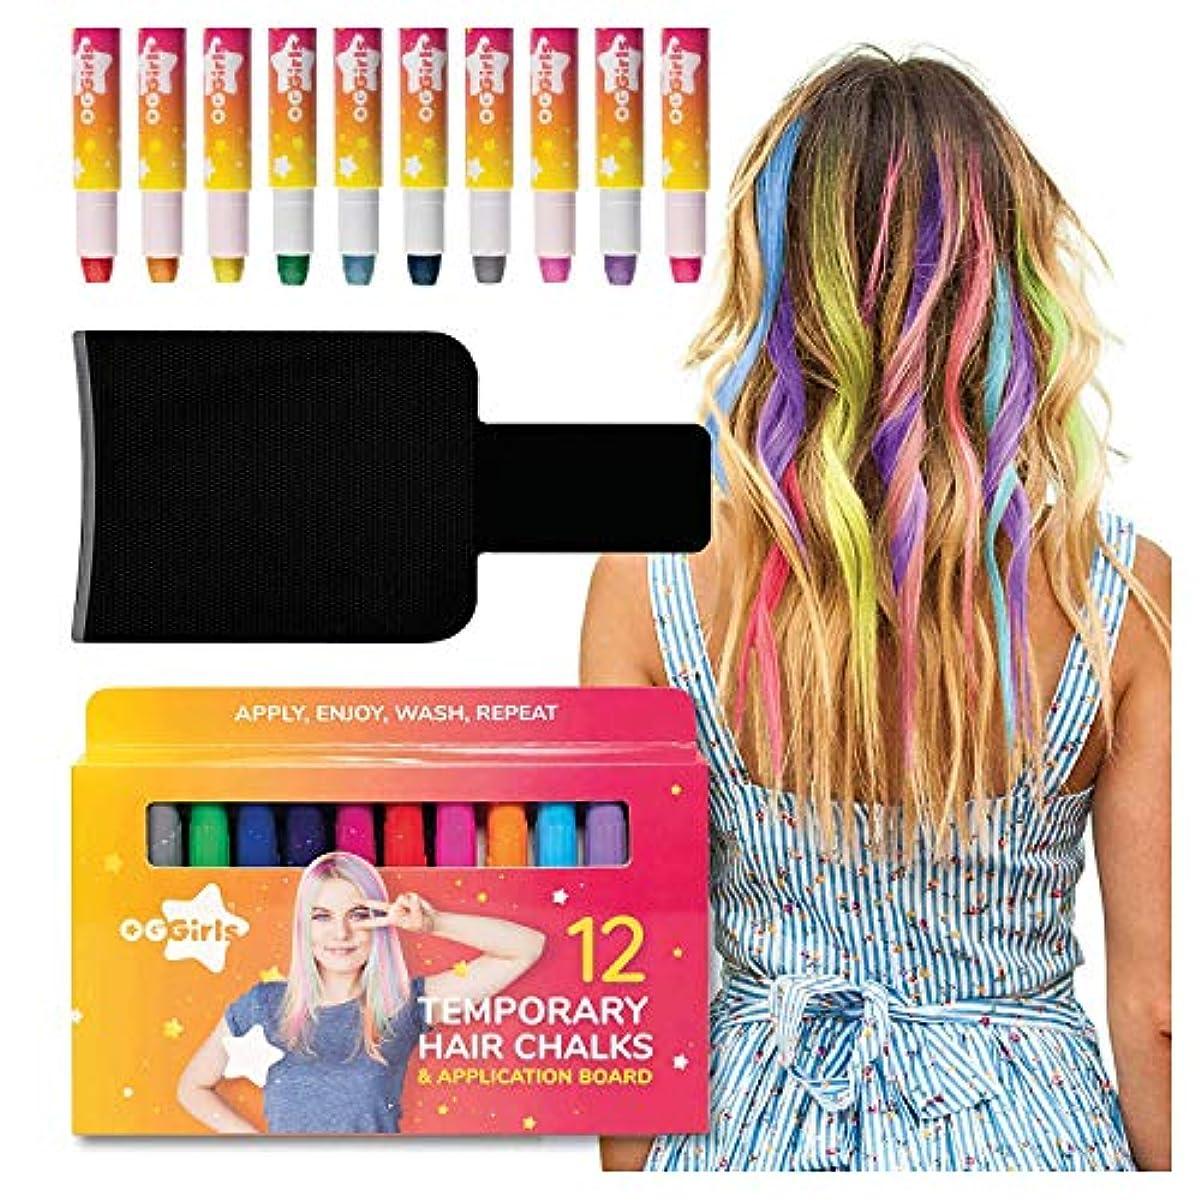 スイ勝利したマカダムOGガールズキッズヘアチョークセット| Jtogo.jp簡単、ダメージのない着色のためのAPPLICATION BOARD付き12色ペン4歳以上の子供には、濃い色と薄い色の髪に最適です。